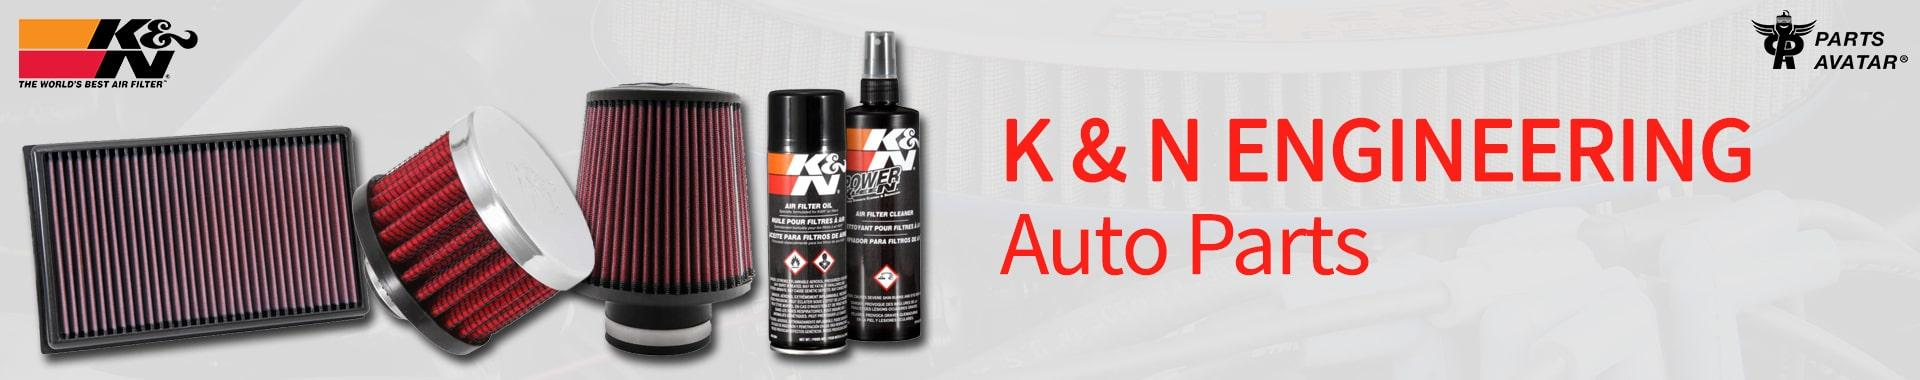 3.3. K&N Engineering Air Filters